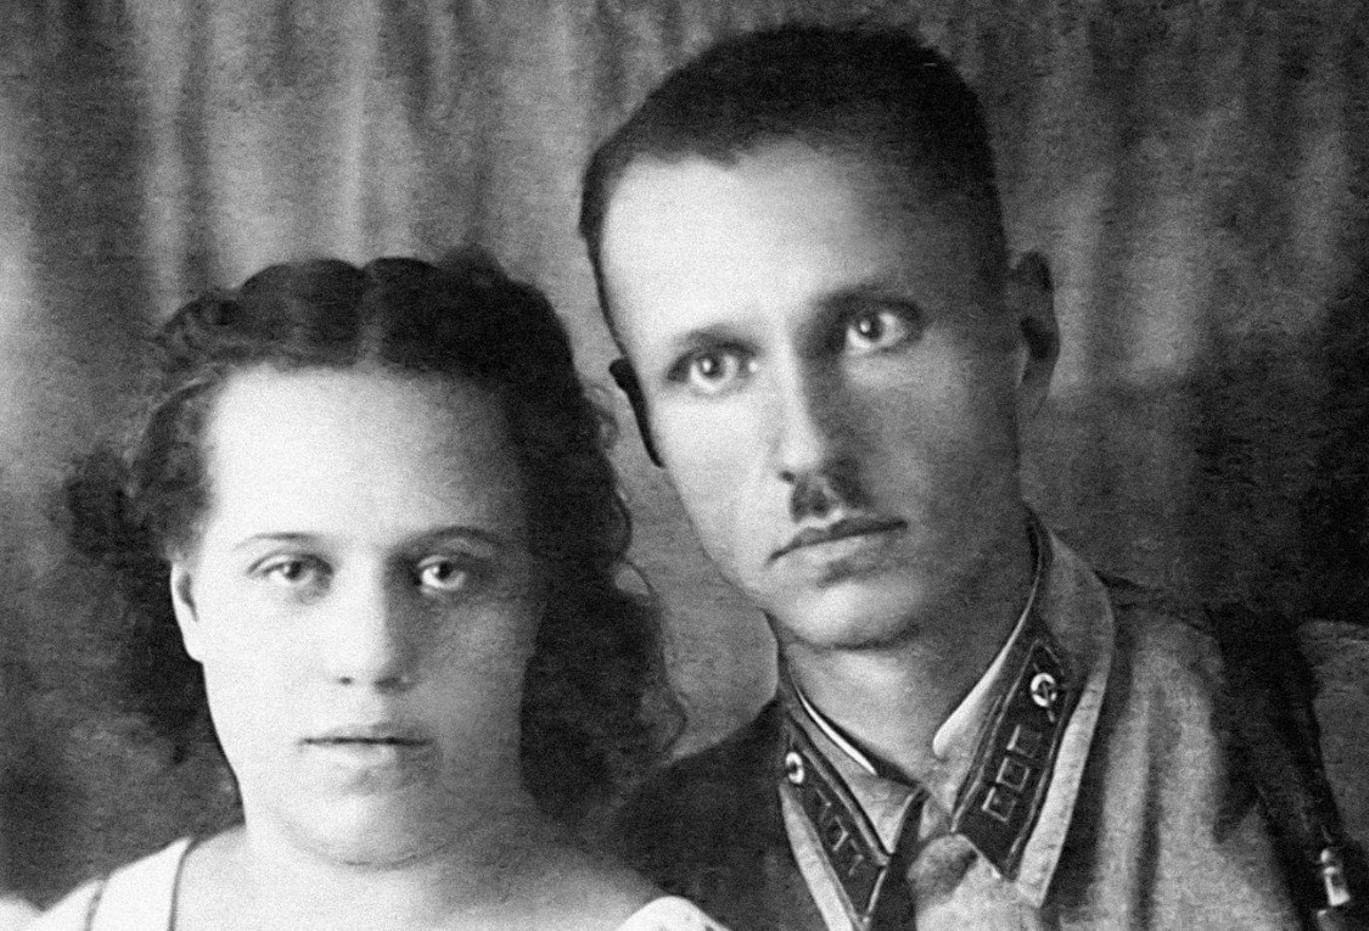 От «бессмертного» сержанта до Патриарха всея Руси: 5 участников Курской битвы. Галерея 1